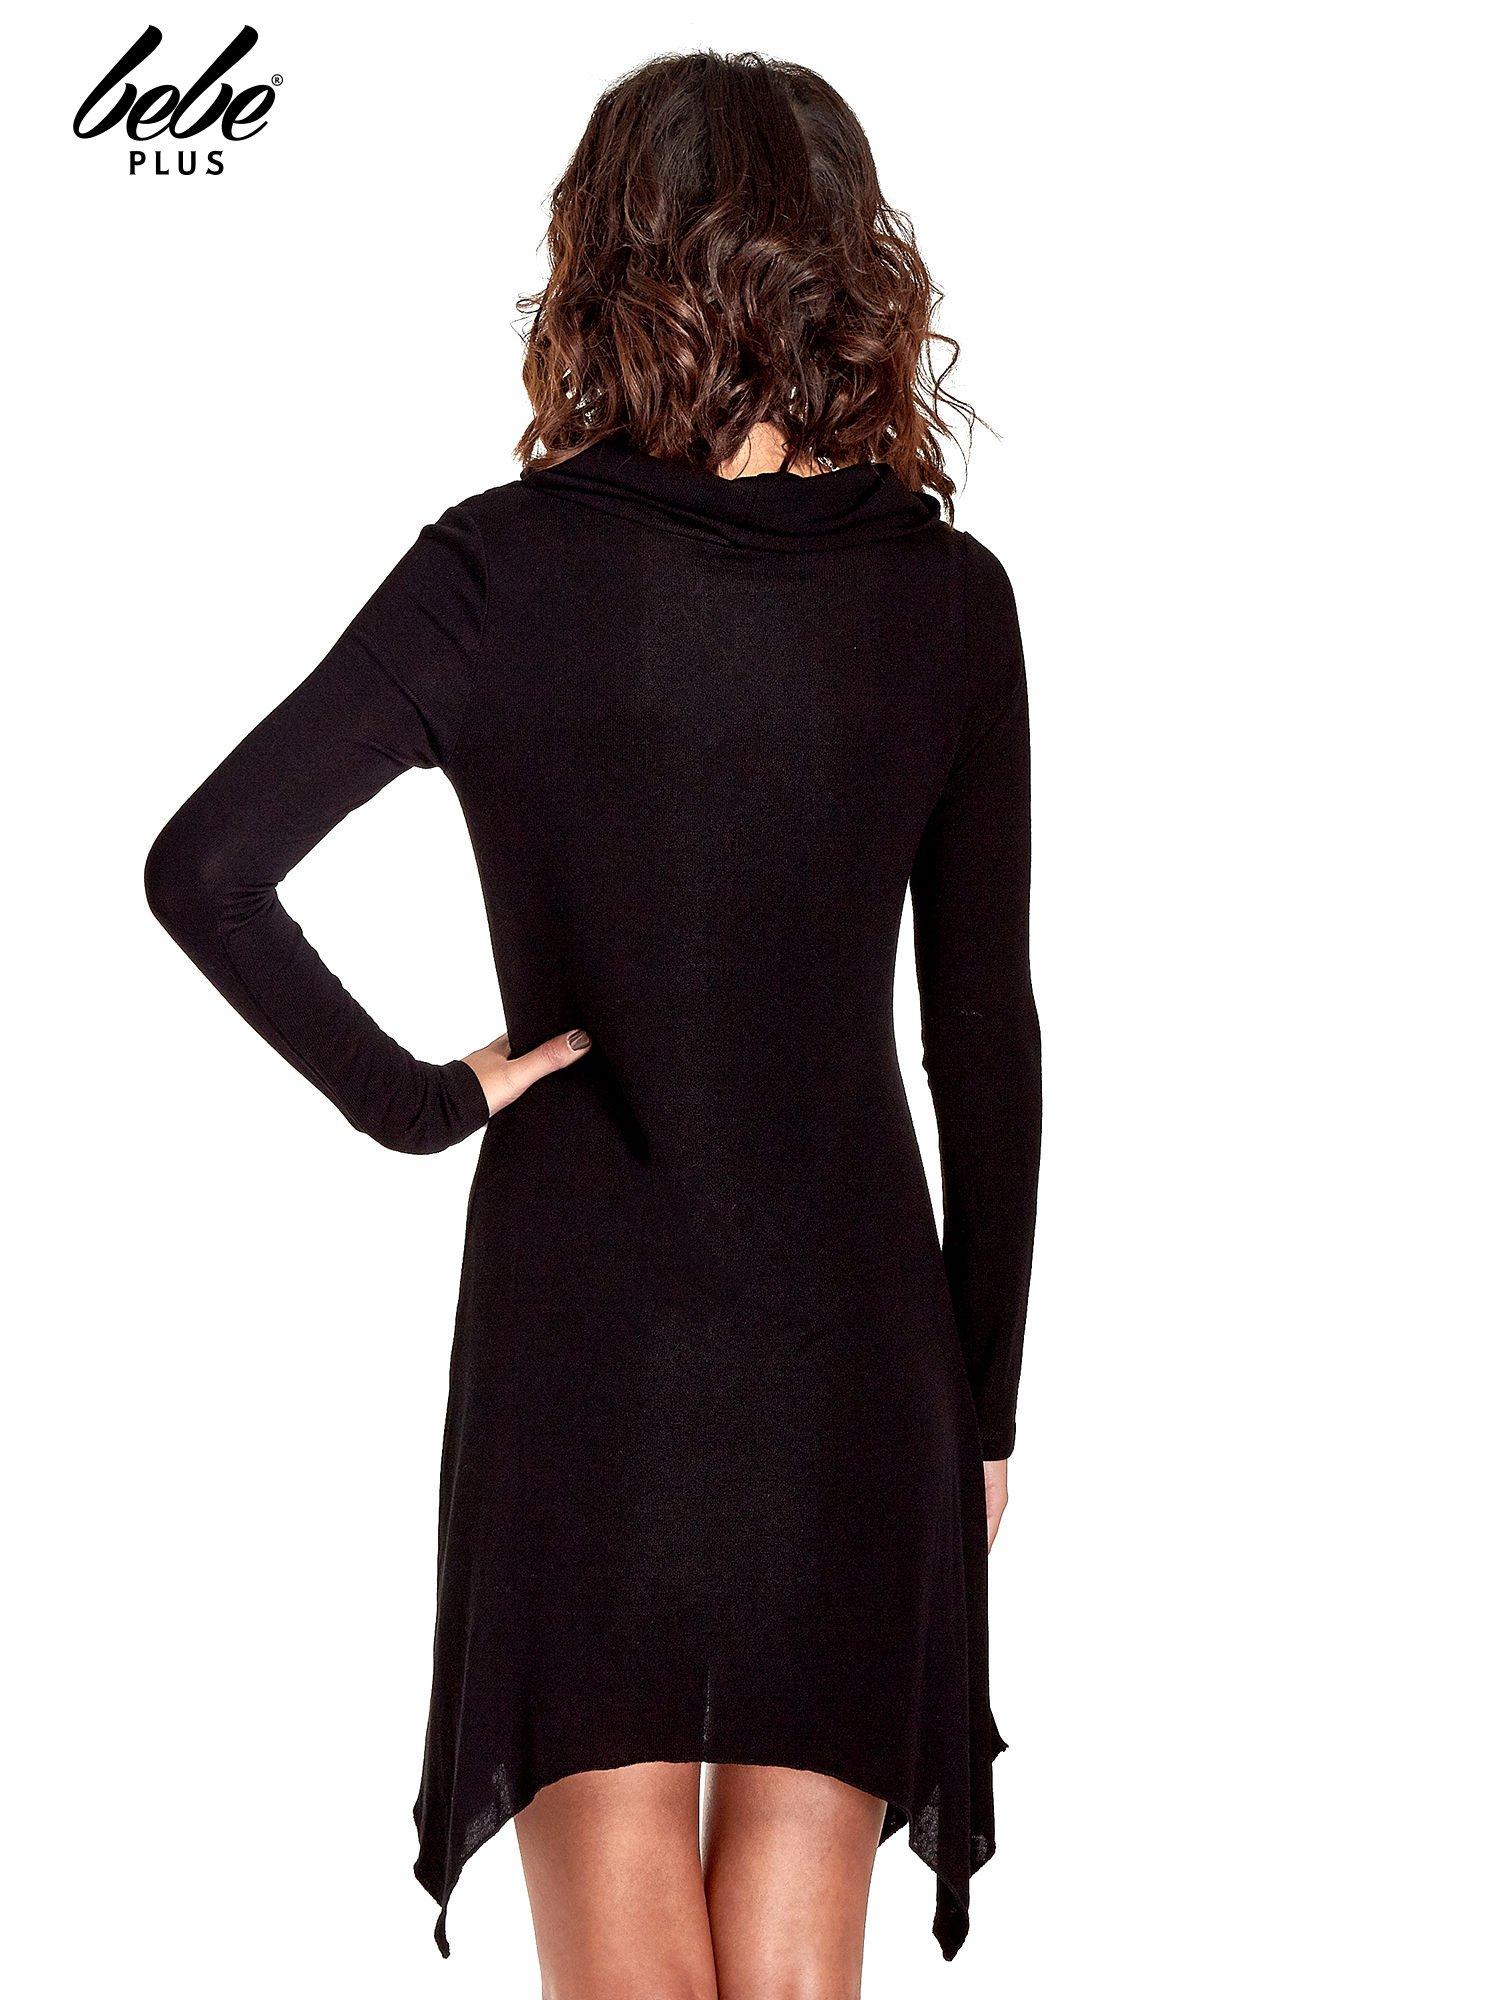 Czarna asymetryczna sukienka ze skórzanymi wstawkami                                  zdj.                                  3